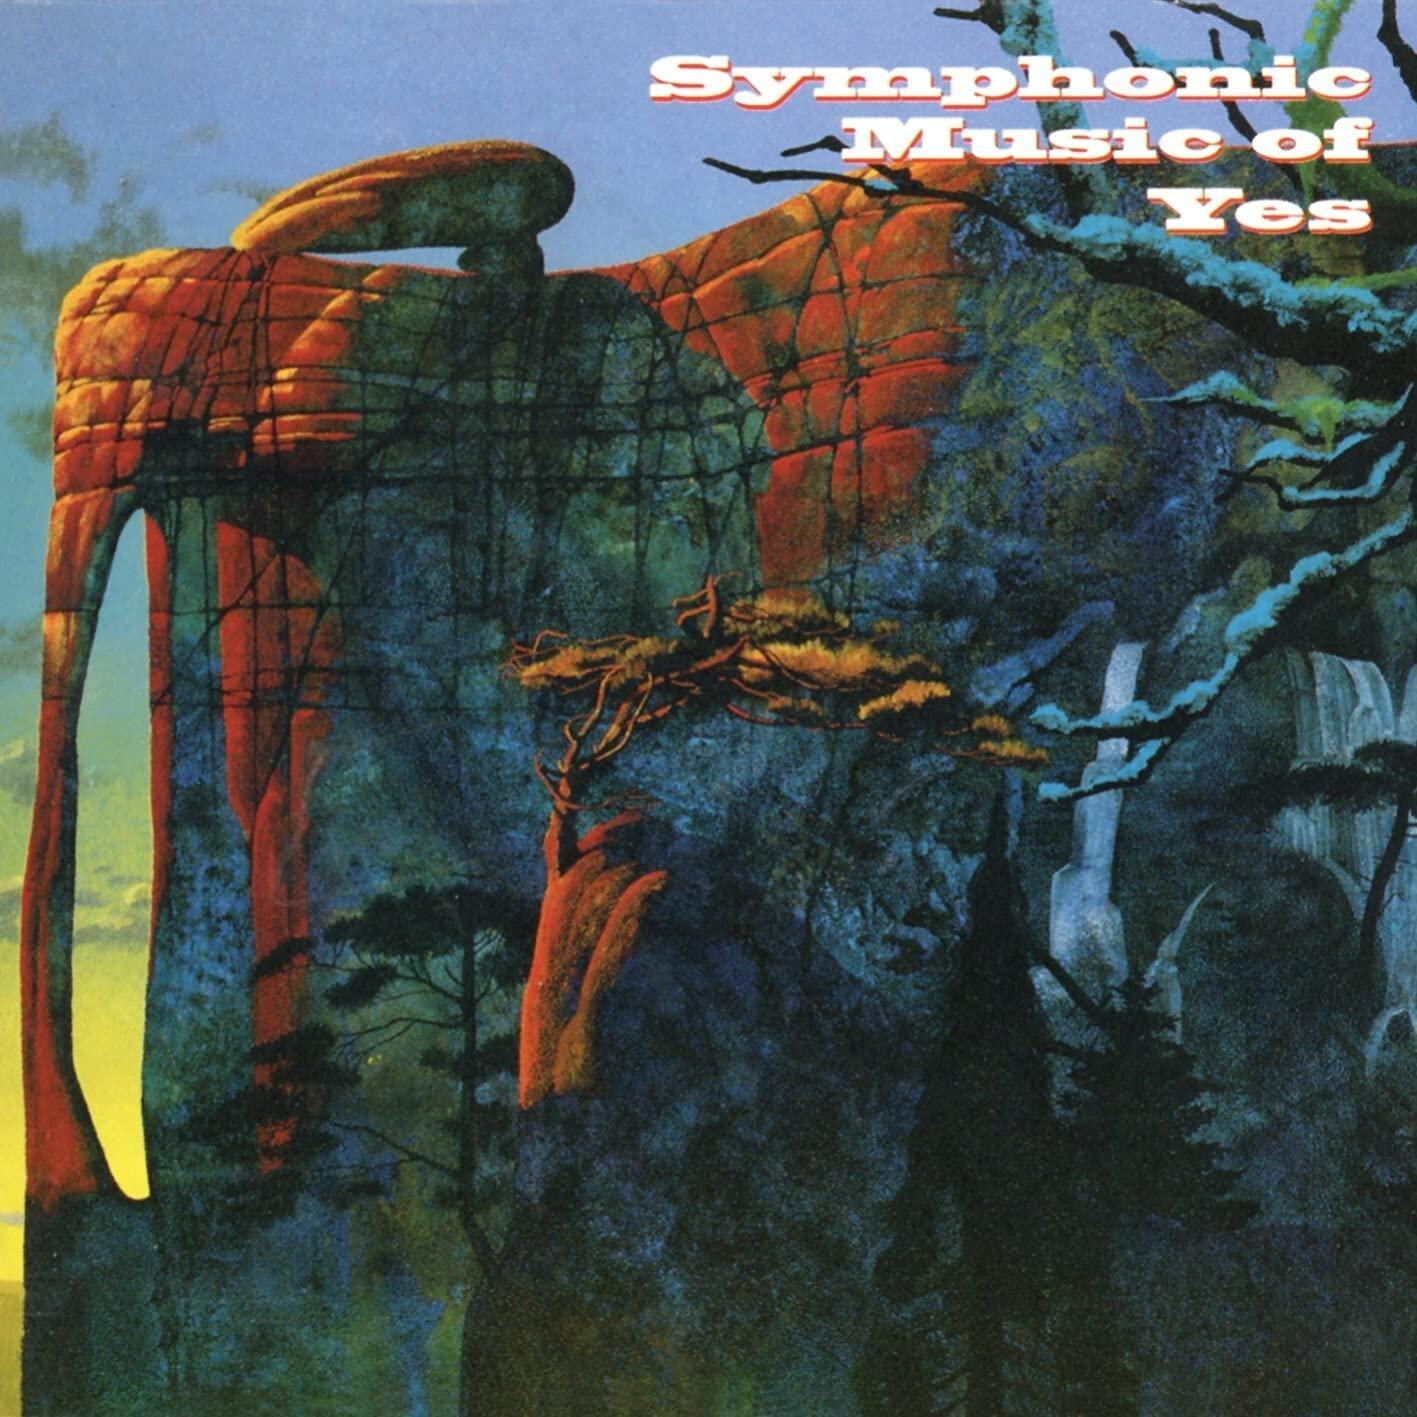 """""""The Symphonic Music Of Yes"""", con Steve Howe, Bill Bruford e Jon Anderson, è stato ristampato – COMPRA"""